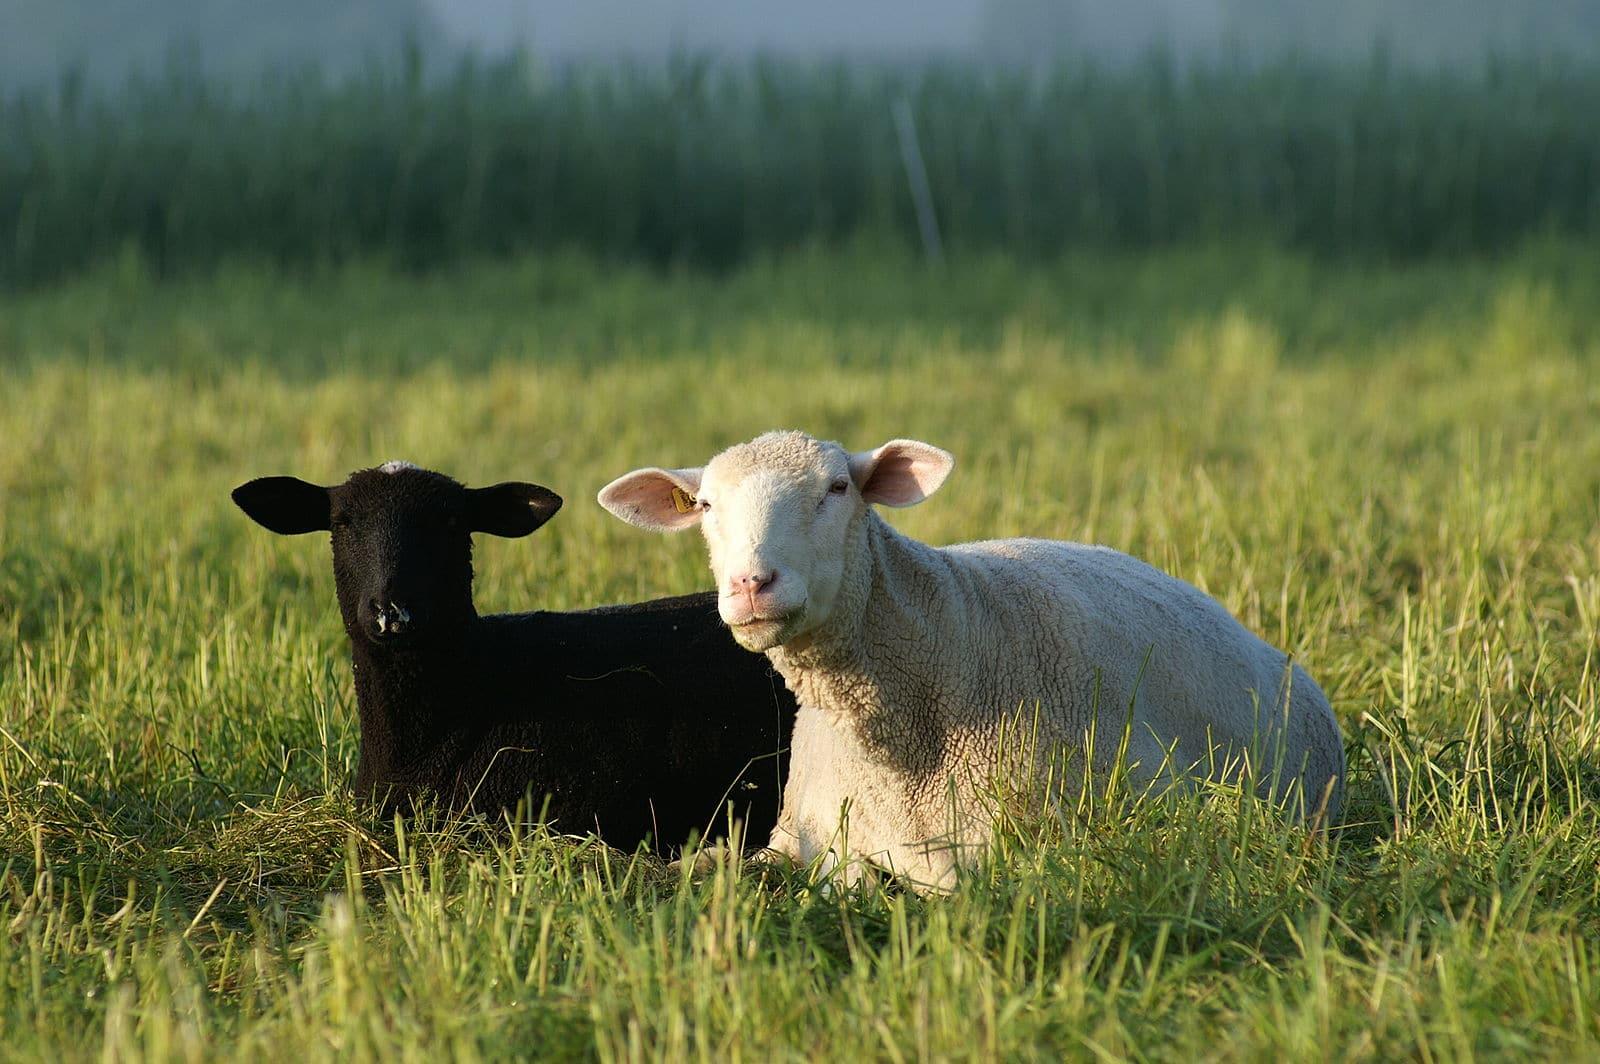 zwart en wit schaap liggend op de grond